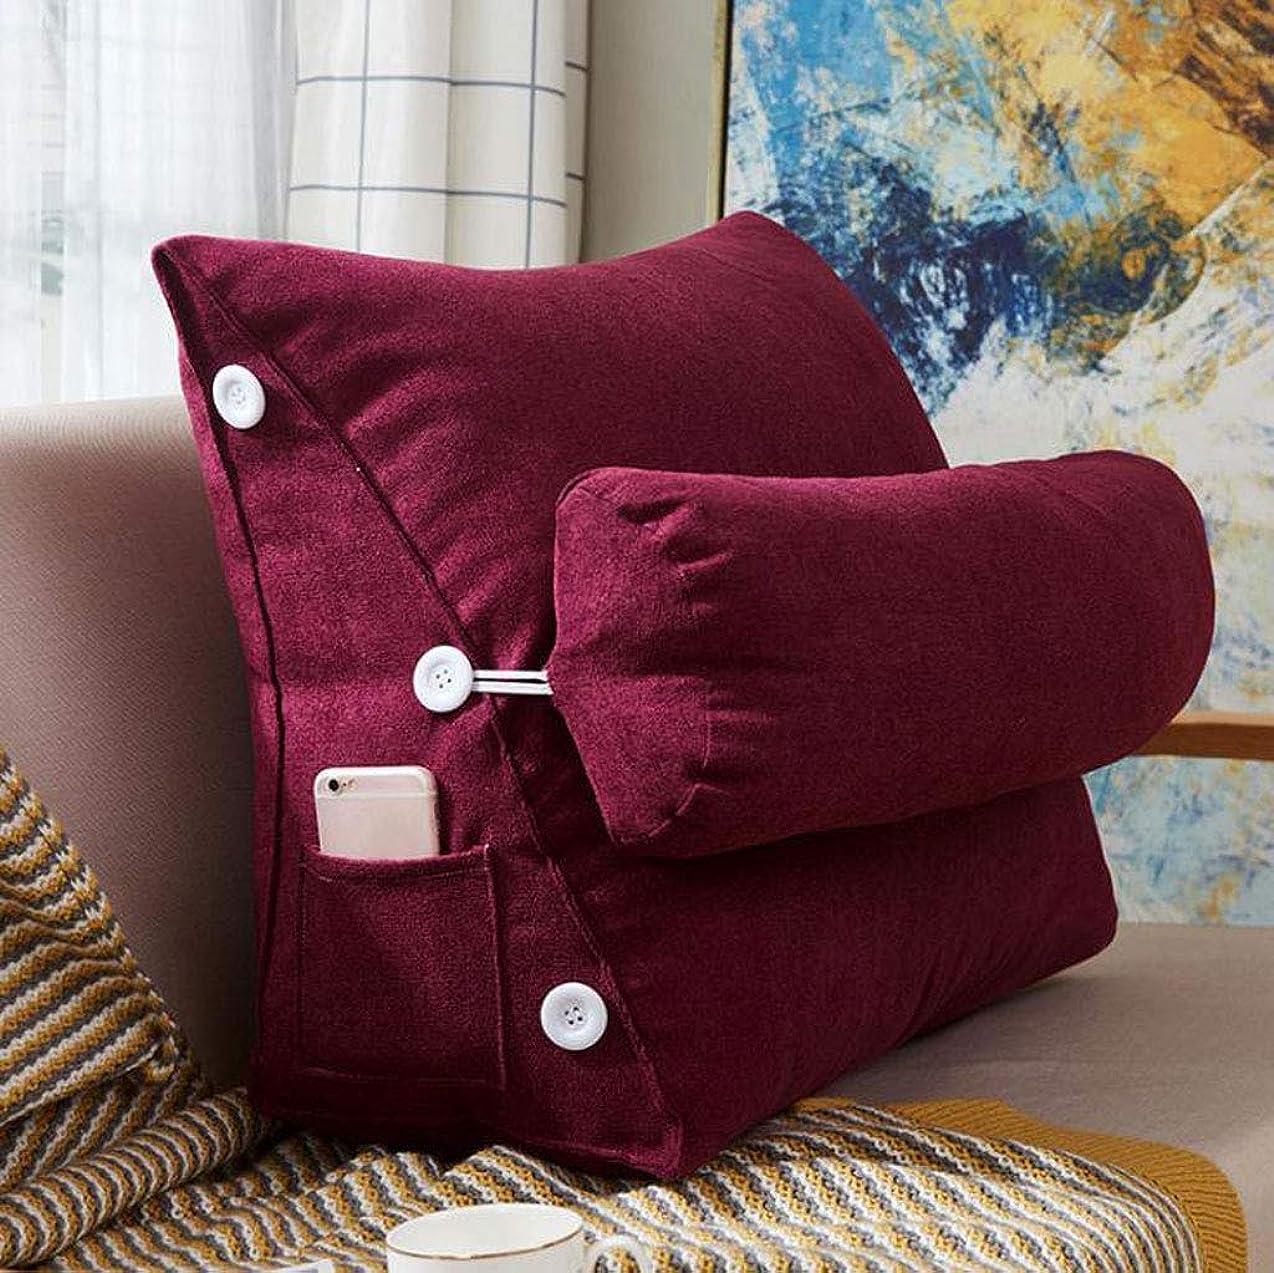 後彼女のカンガルー31-luoshangqing 枕枕三角形バックレストベイウィンドウロング枕ソファ大きなクッションジッパー取り外し可能と洗える (Color : I, サイズ : 60*25*50cm)